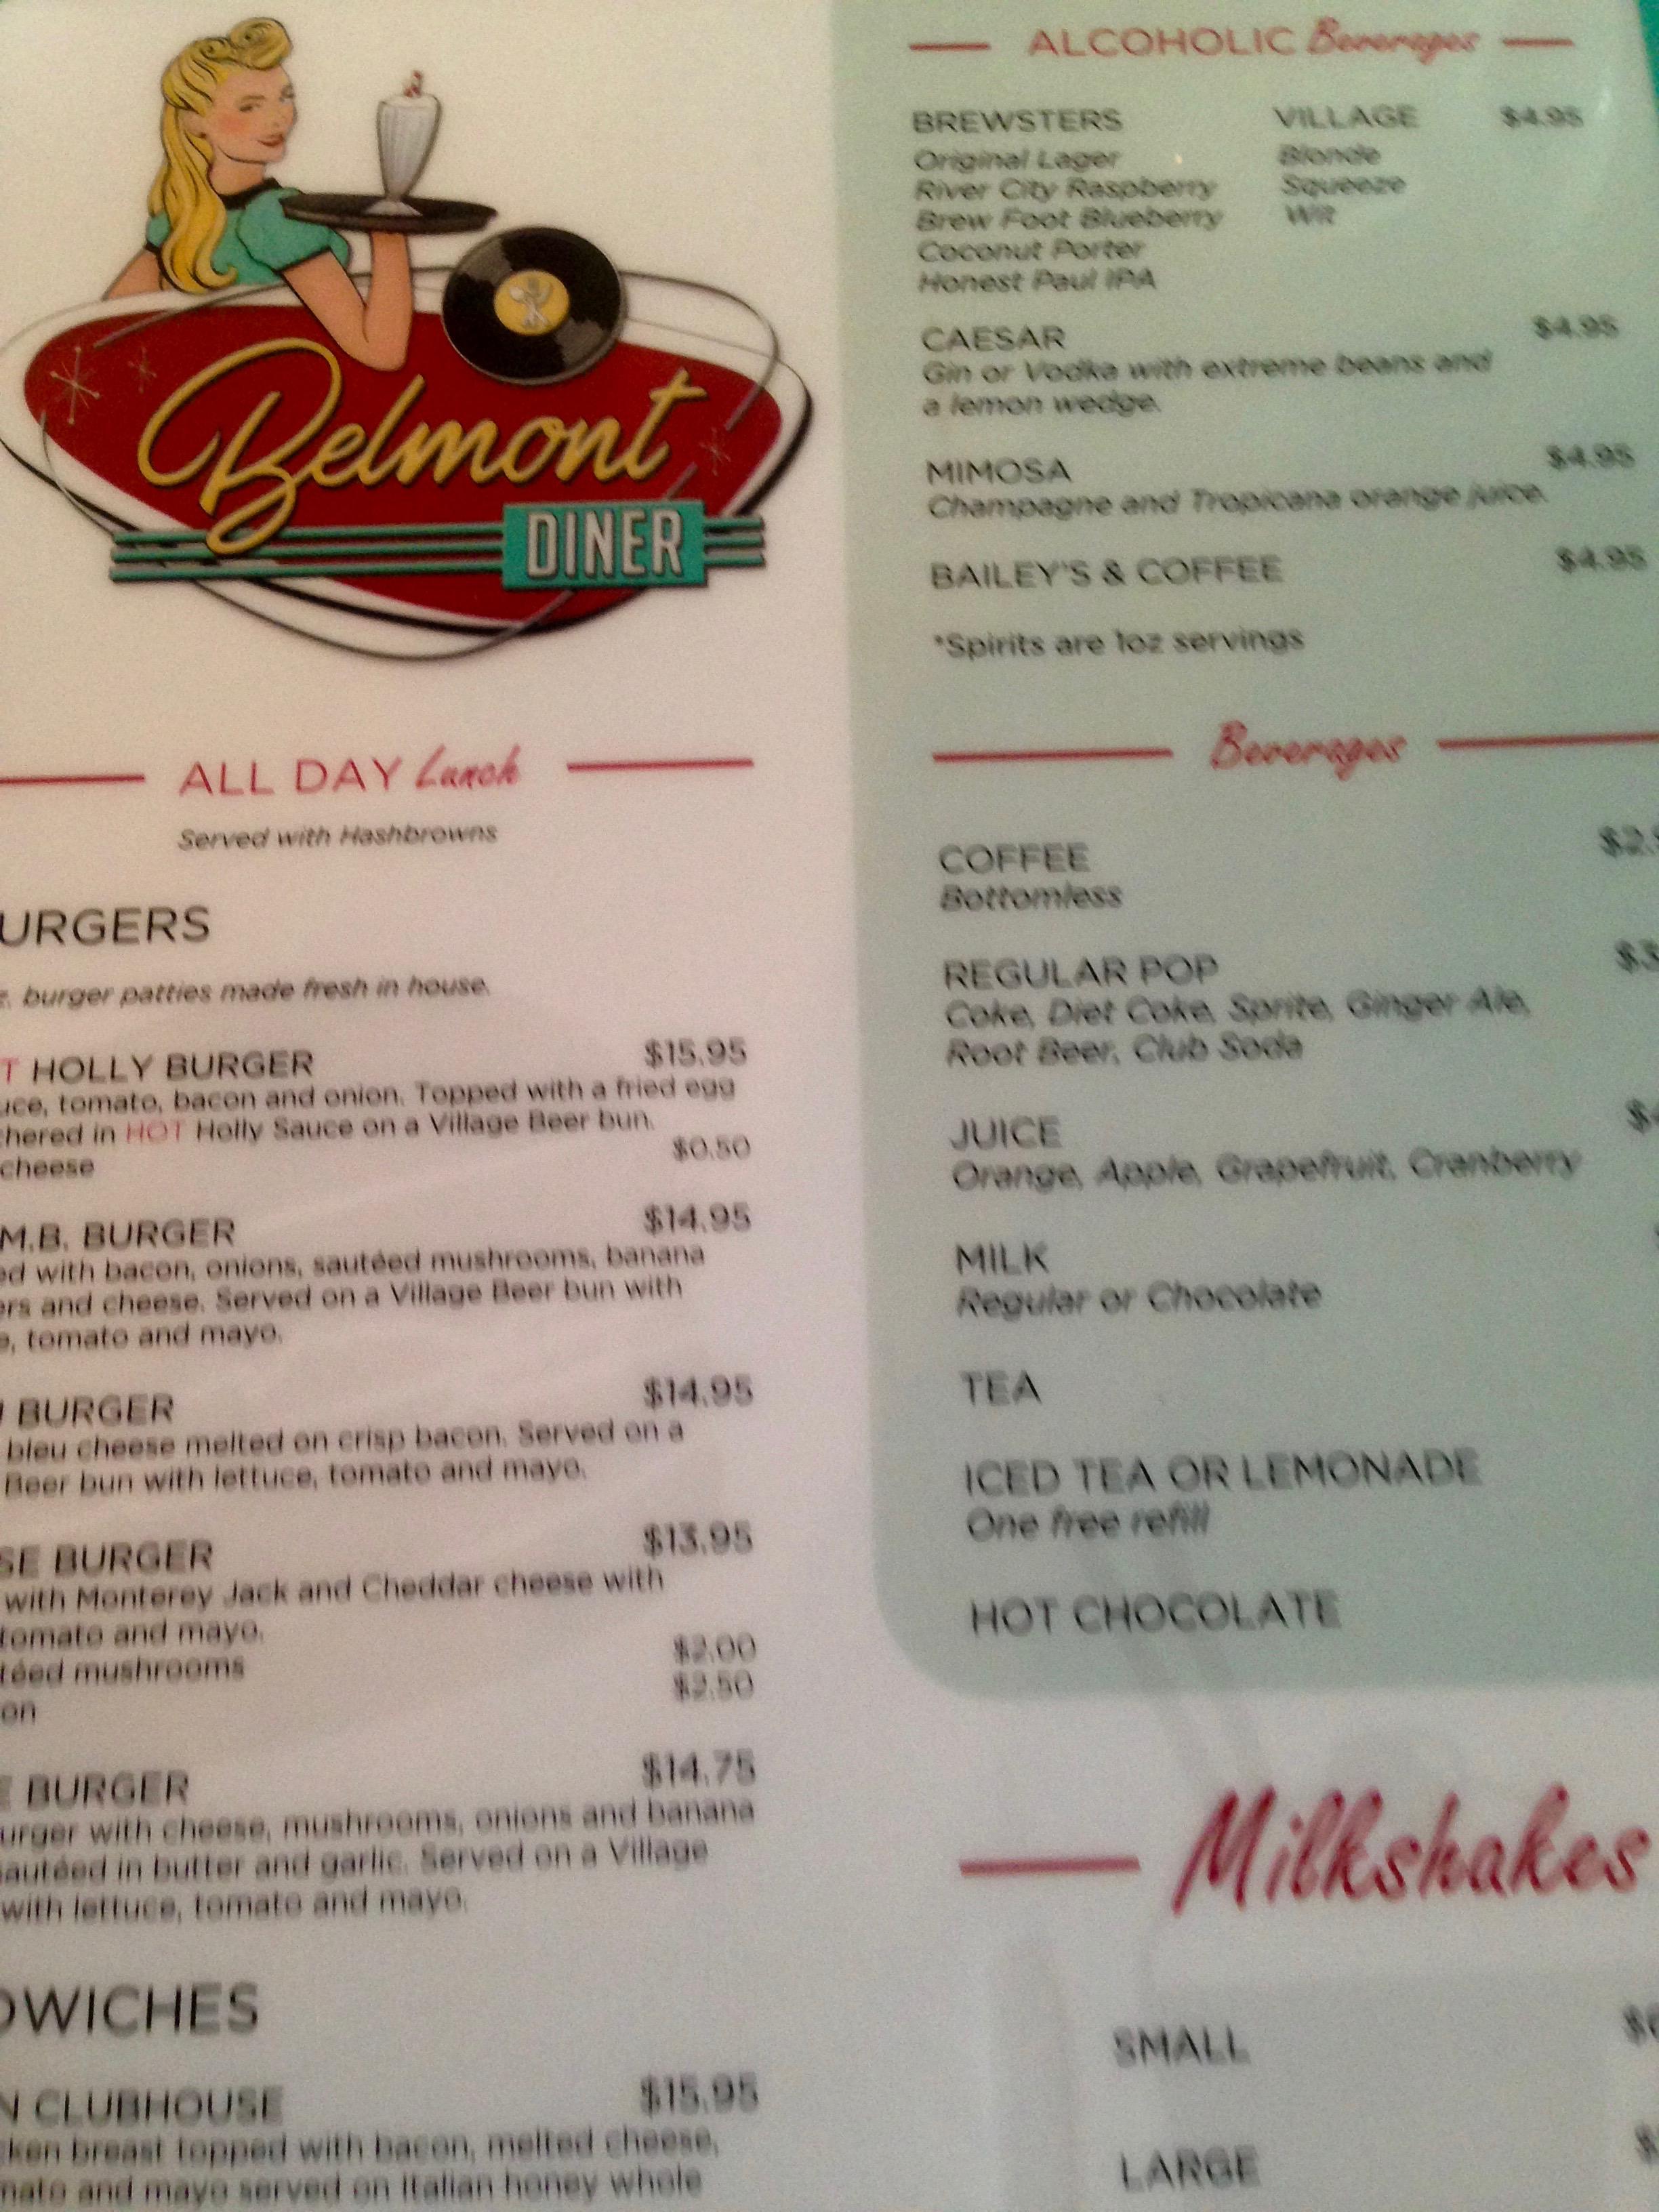 1 Belmont Diner-VHS-2018-IMG_8426.jpg